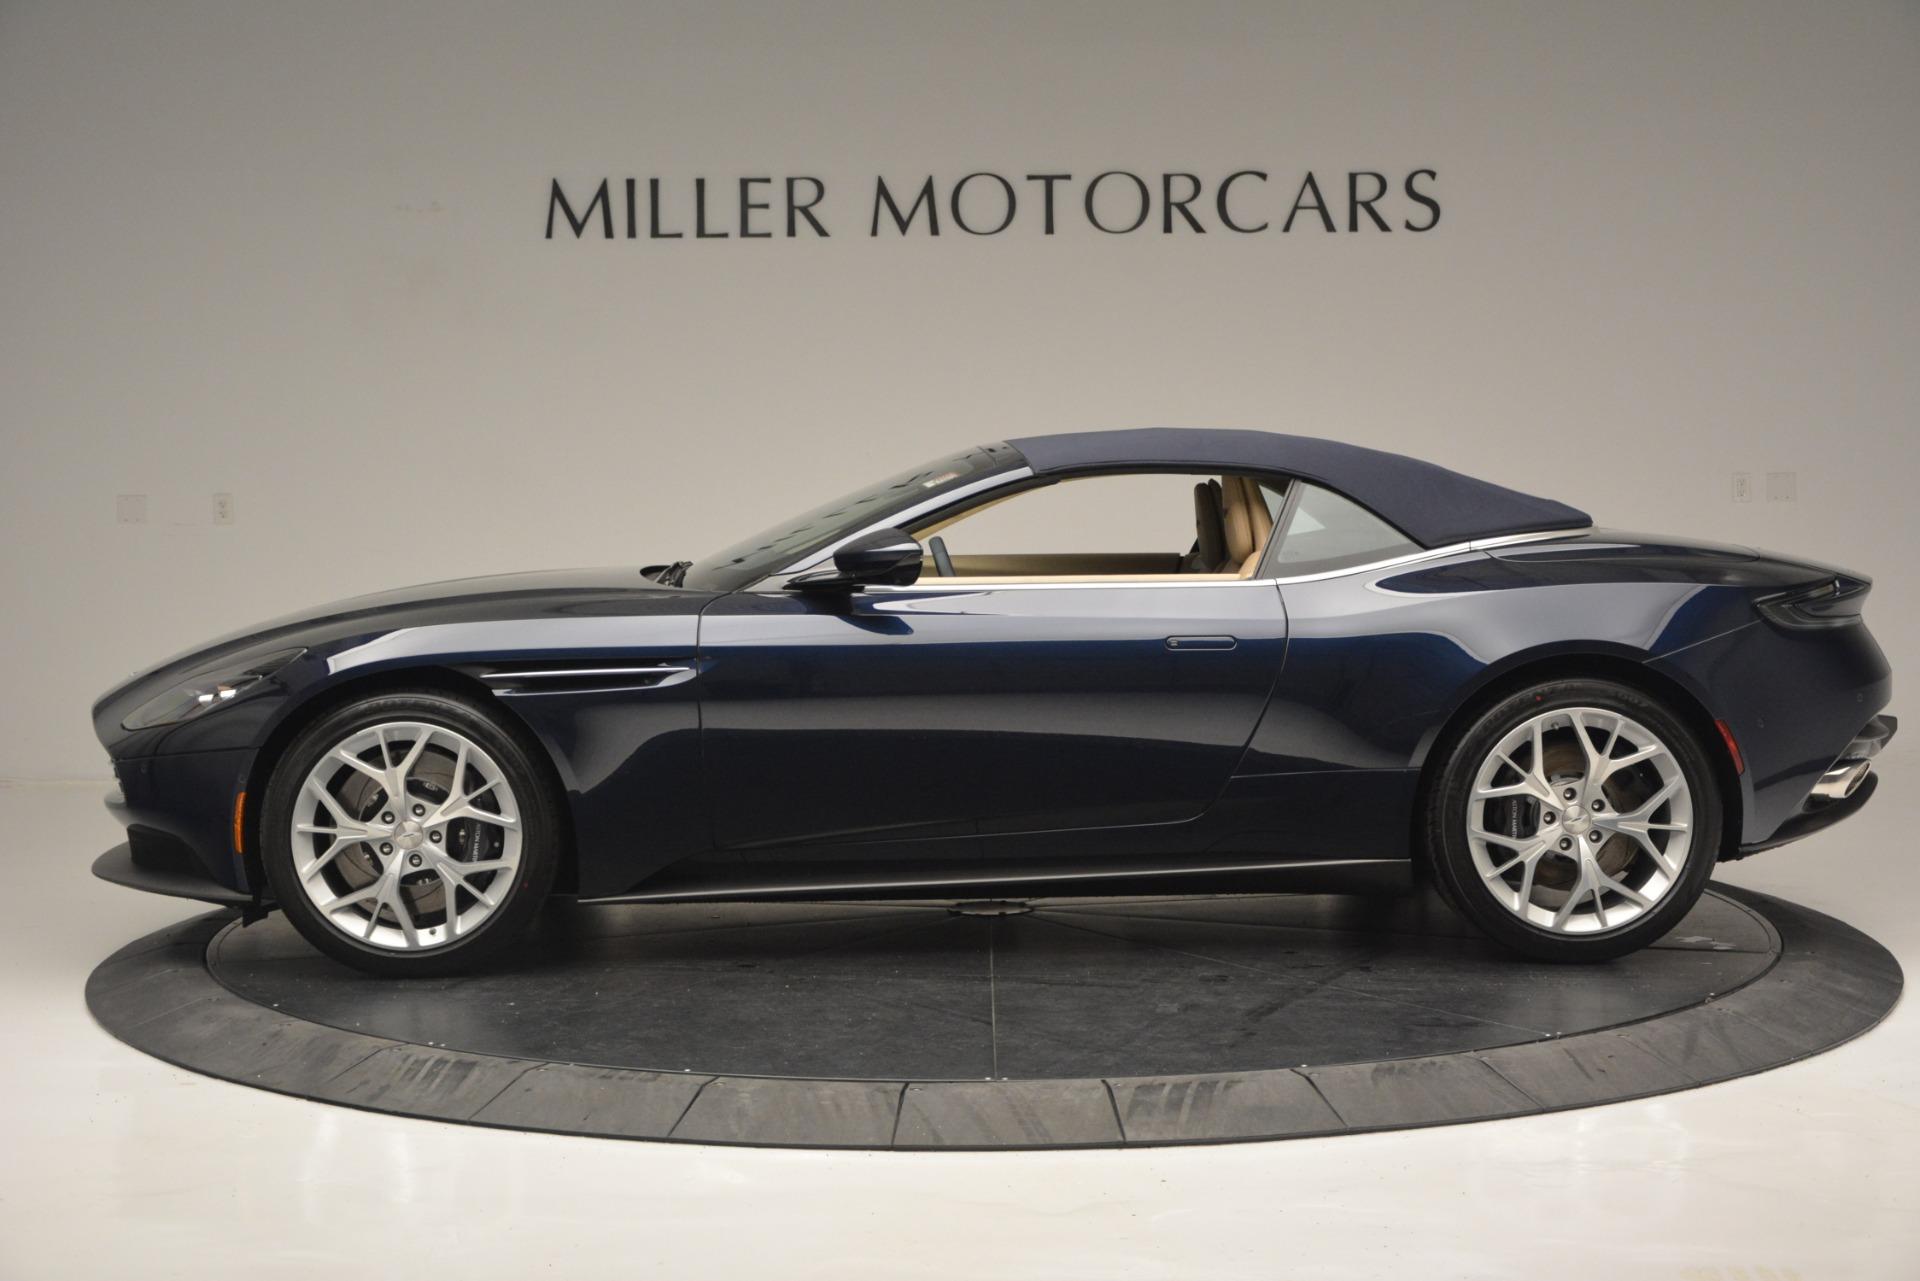 New 2019 Aston Martin DB11 Volante Volante For Sale In Greenwich, CT. Alfa Romeo of Greenwich, A1326 2594_p15